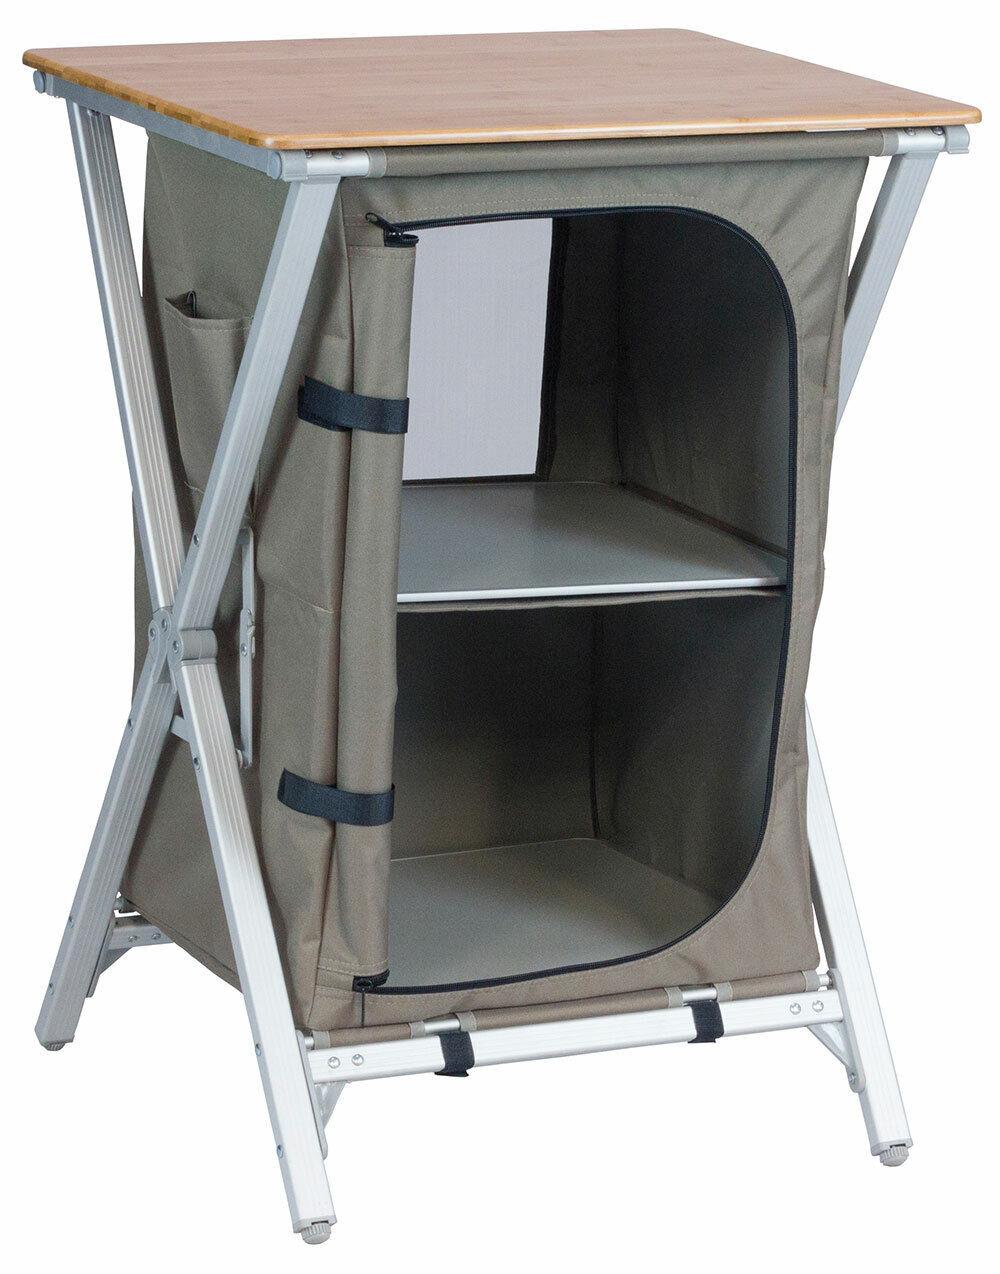 VANGO, CAMPING unidad de almacenamiento de bambú tabla (2017) - Nuevo